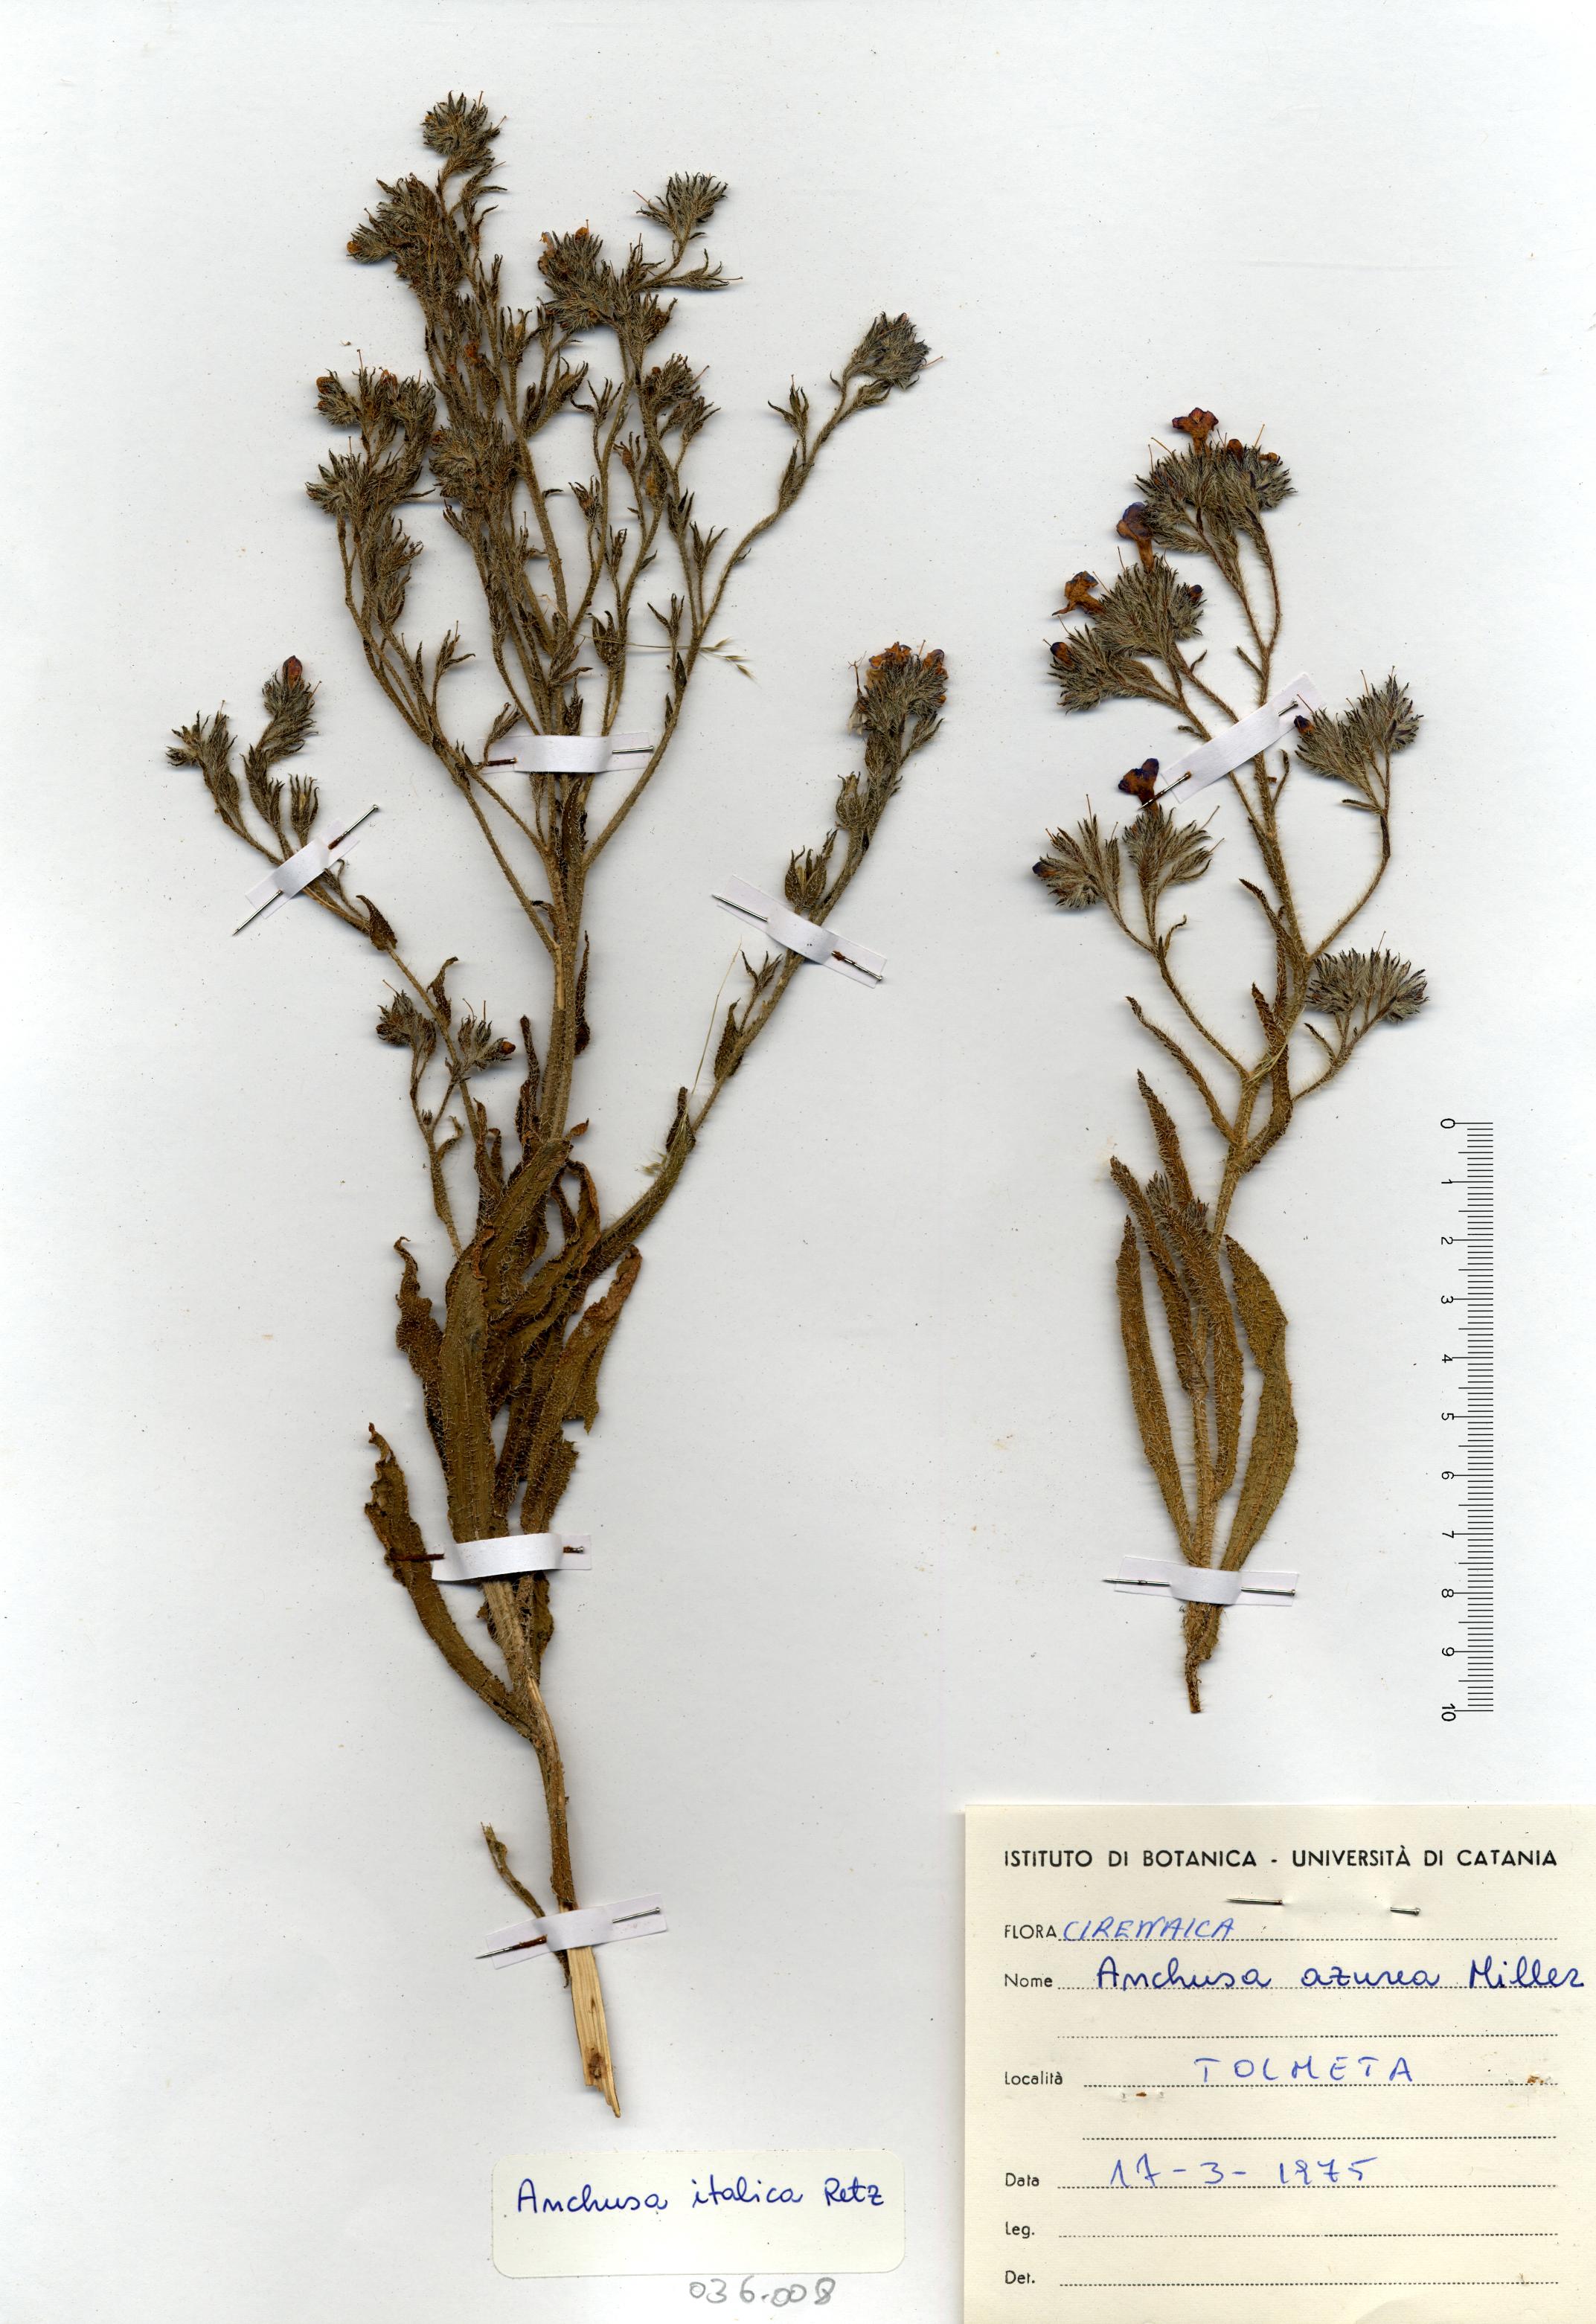 © Hortus Botanicus Catinensis - Herb. sheet 036008<br>